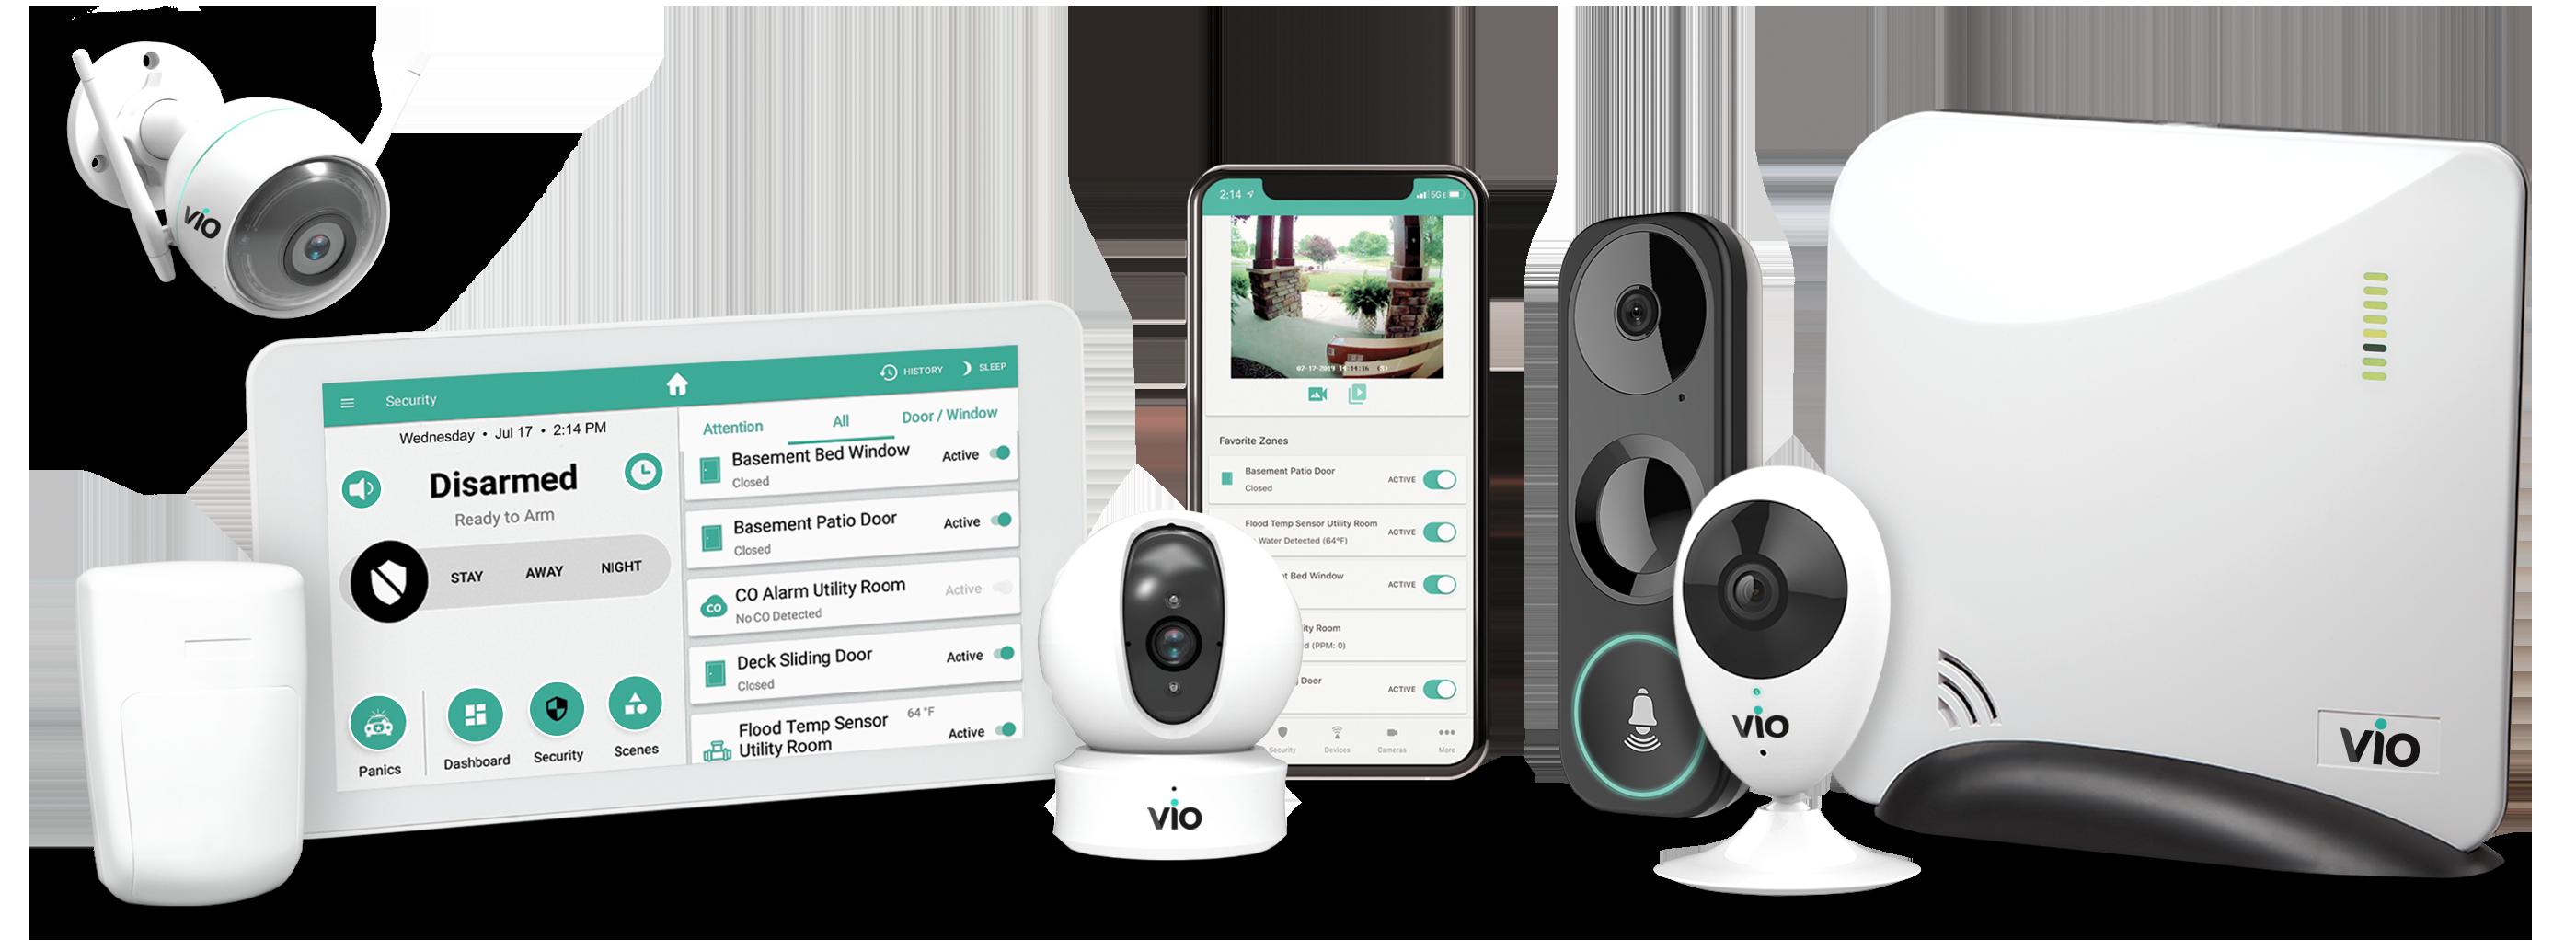 Vio Security equipment